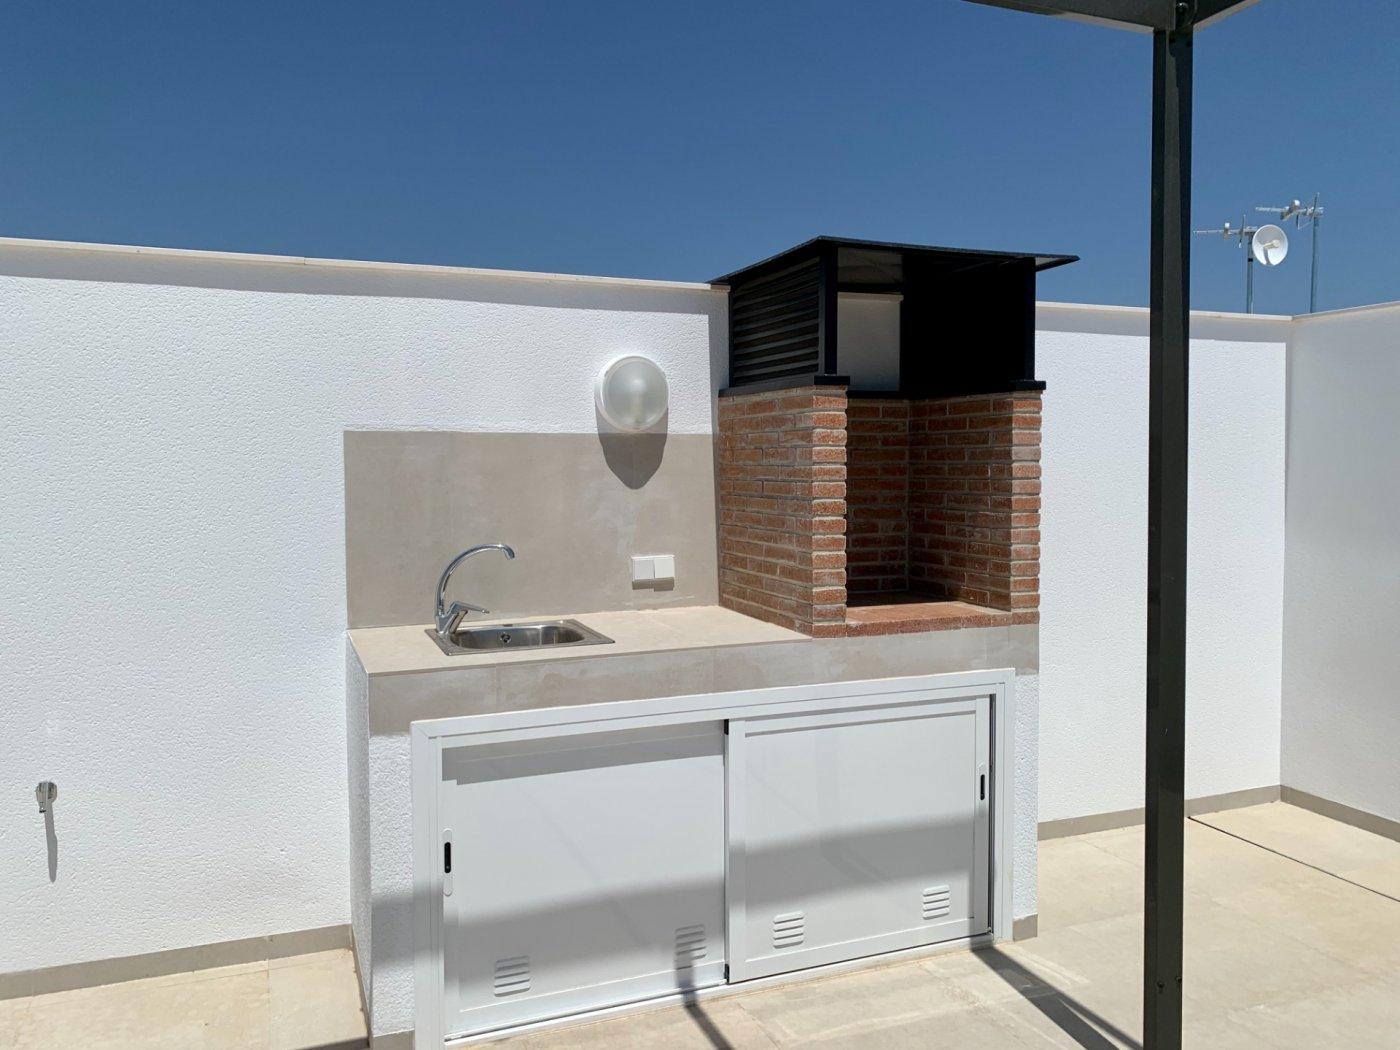 Casa adosada moderna en esquina en pilar de la horadada - imagenInmueble11